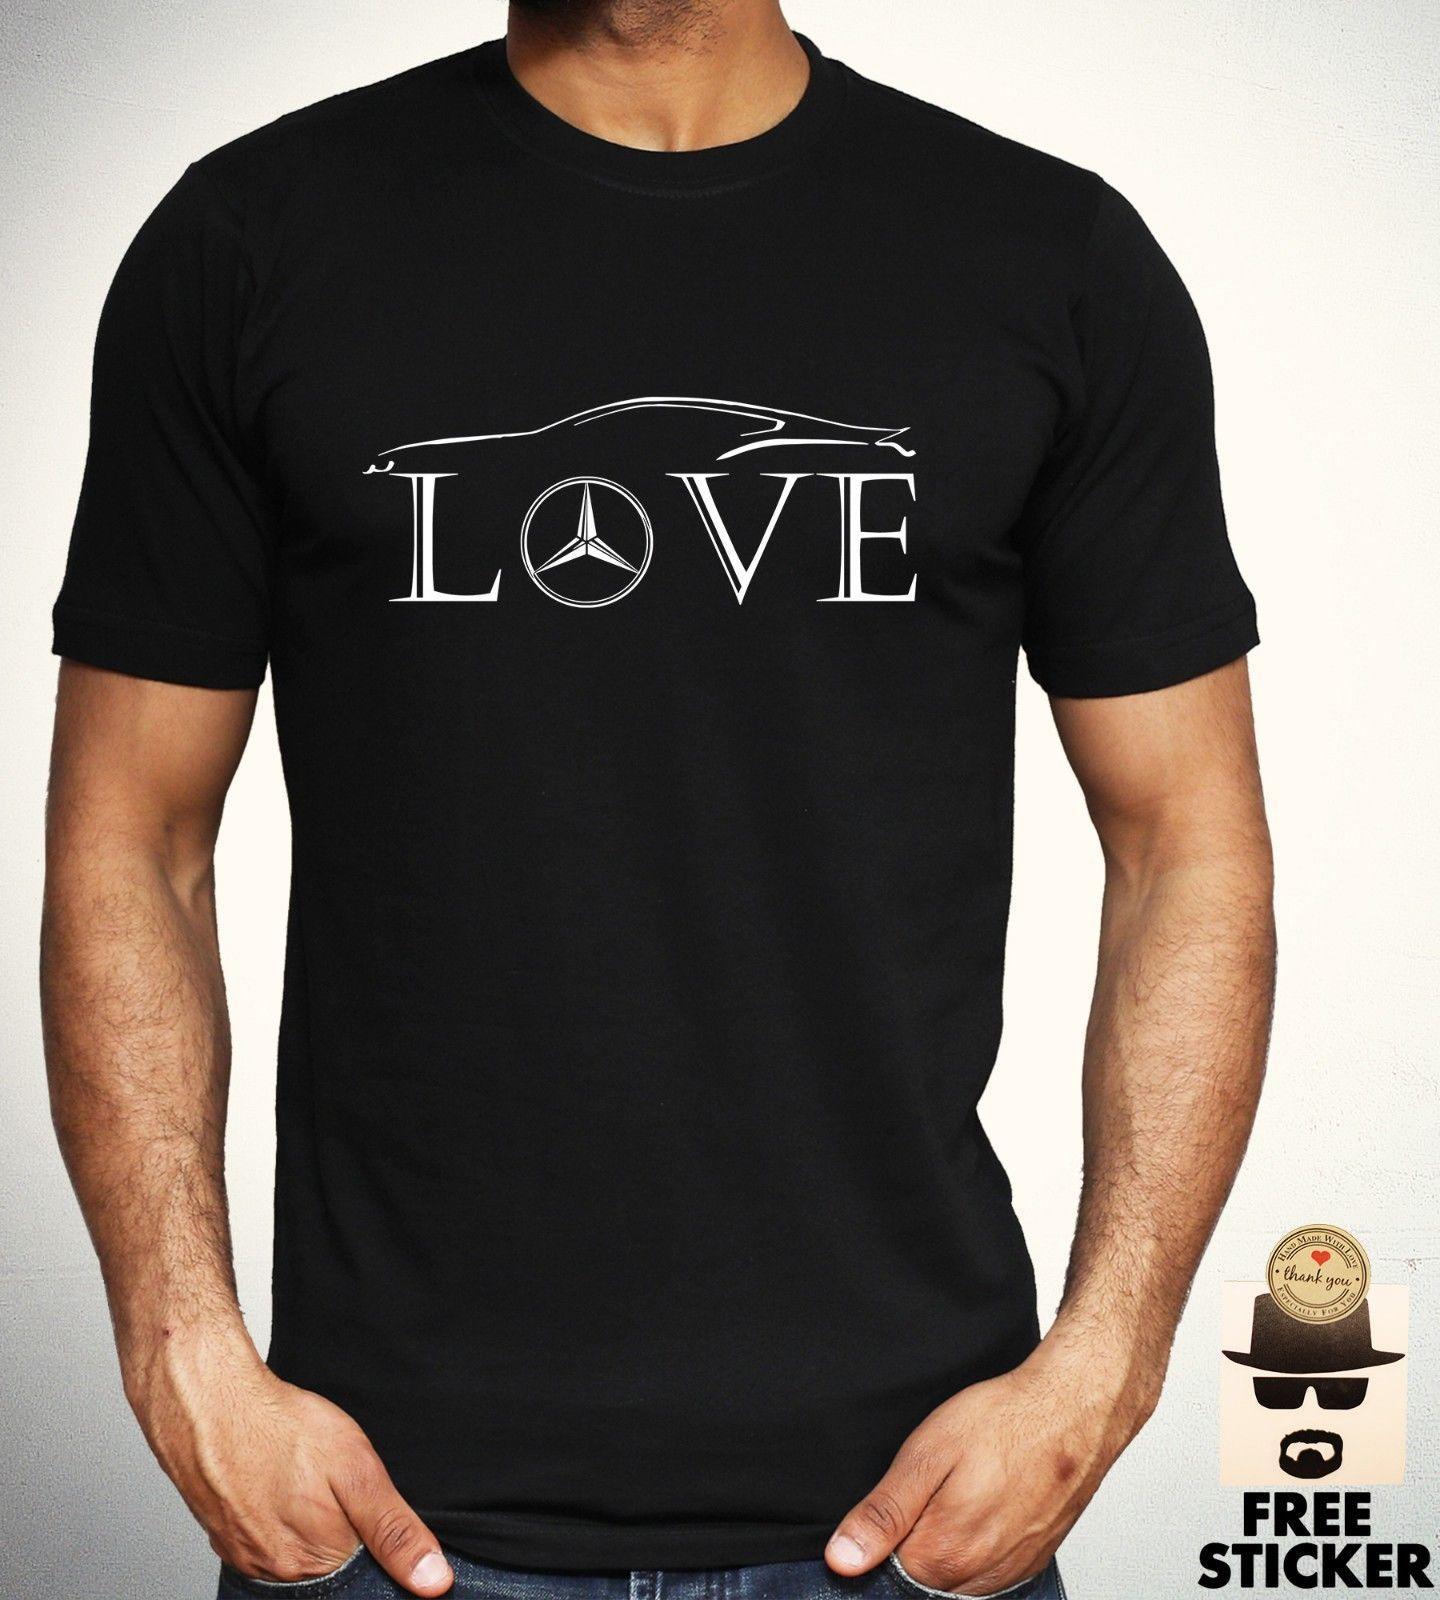 mercedes benz love t shirt car racer novelty tee gift f1. Black Bedroom Furniture Sets. Home Design Ideas